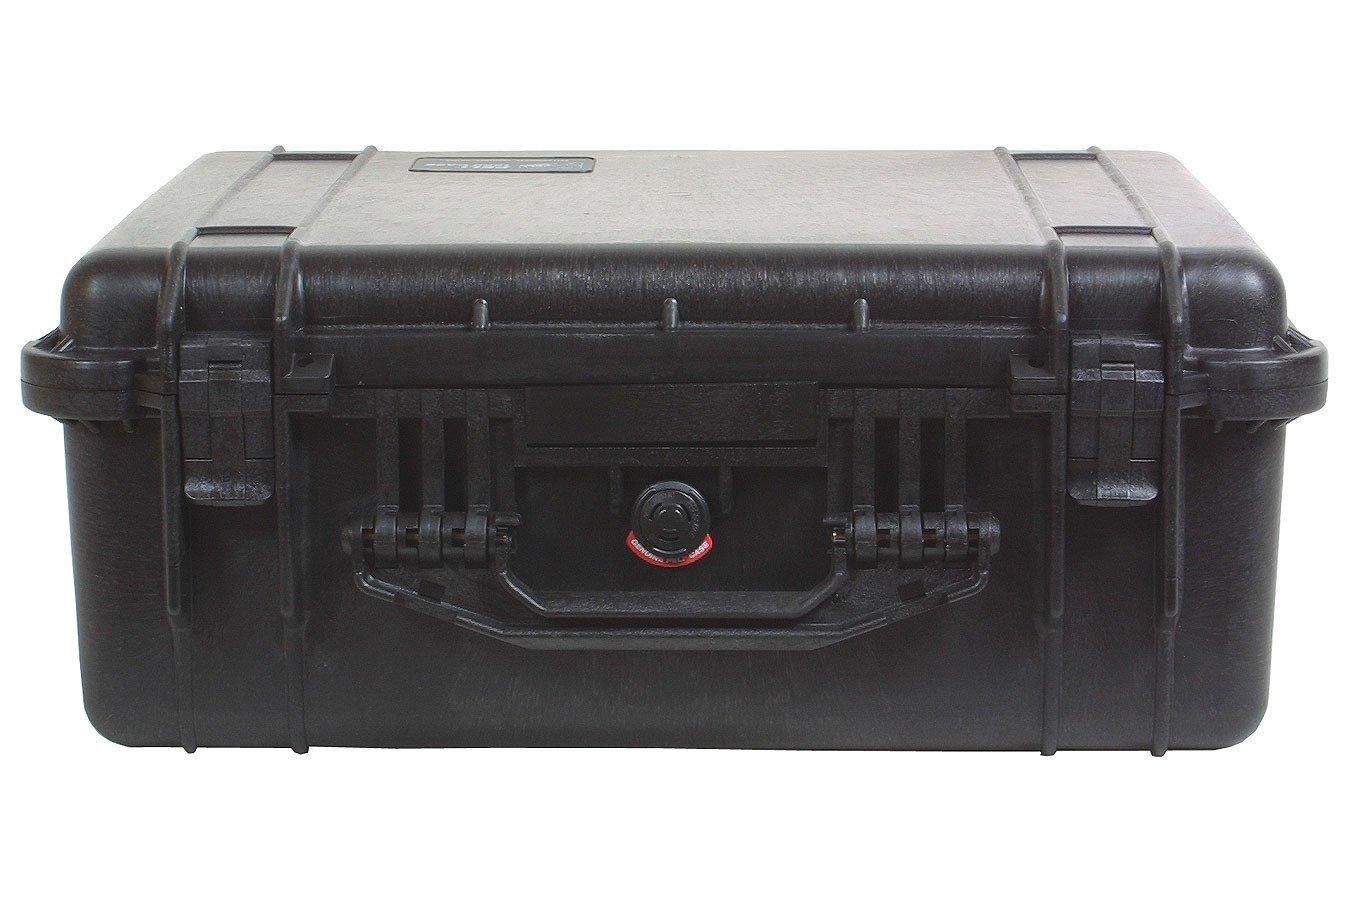 Peli 1550 Schutzkoffer mit Schaumstoff